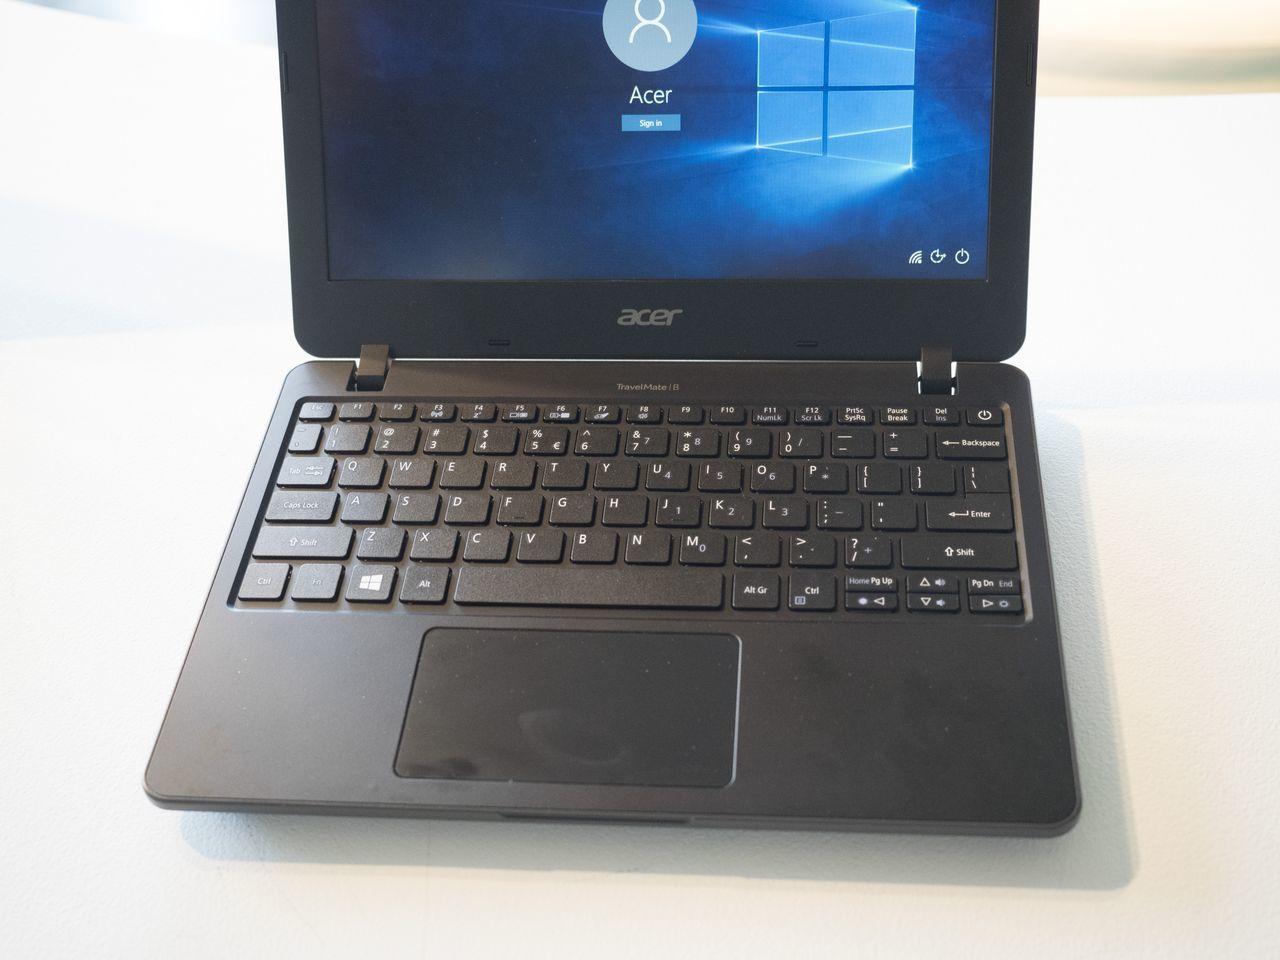 Next@Acer: Самый мощный игровой ноутбук с воздушным охлаждением, велокомпьютер, Chromebook для работы и другие новинки - 42